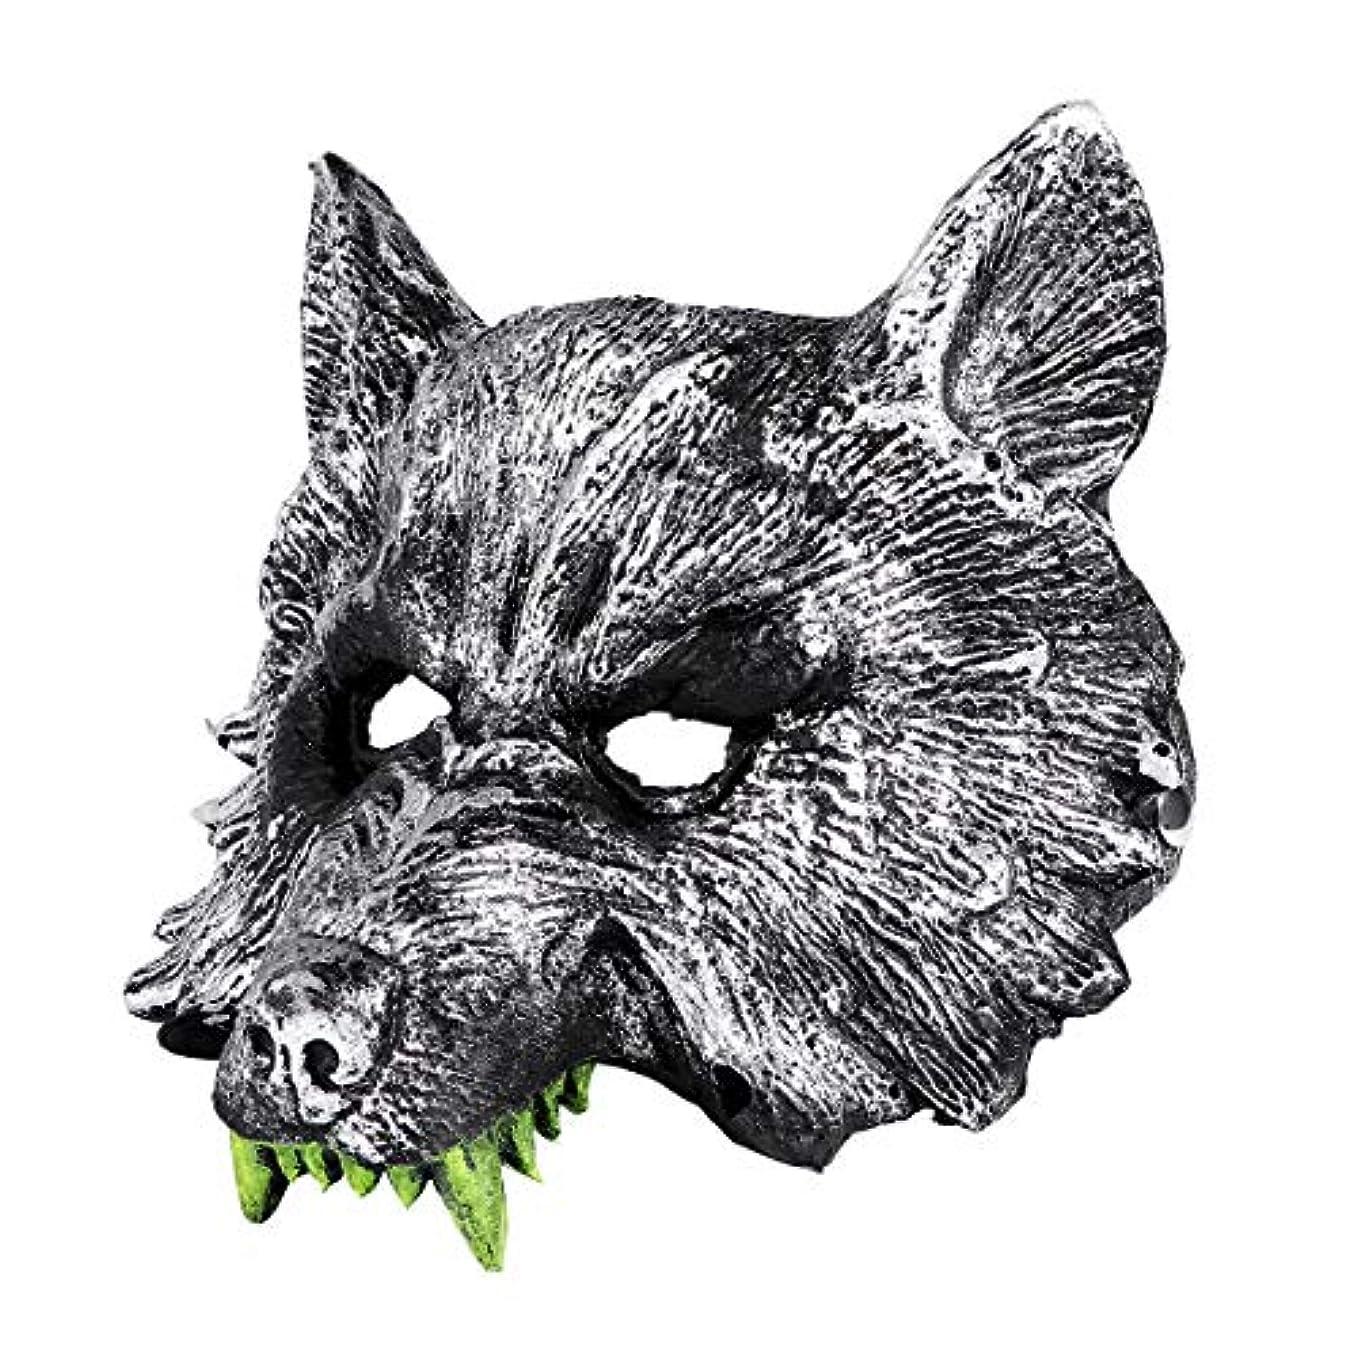 幸運なタールそれらコスプレハロウィーン仮装のためのNUOLUX灰色オオカミヘッドマスクファンシードレスパーティー小道具